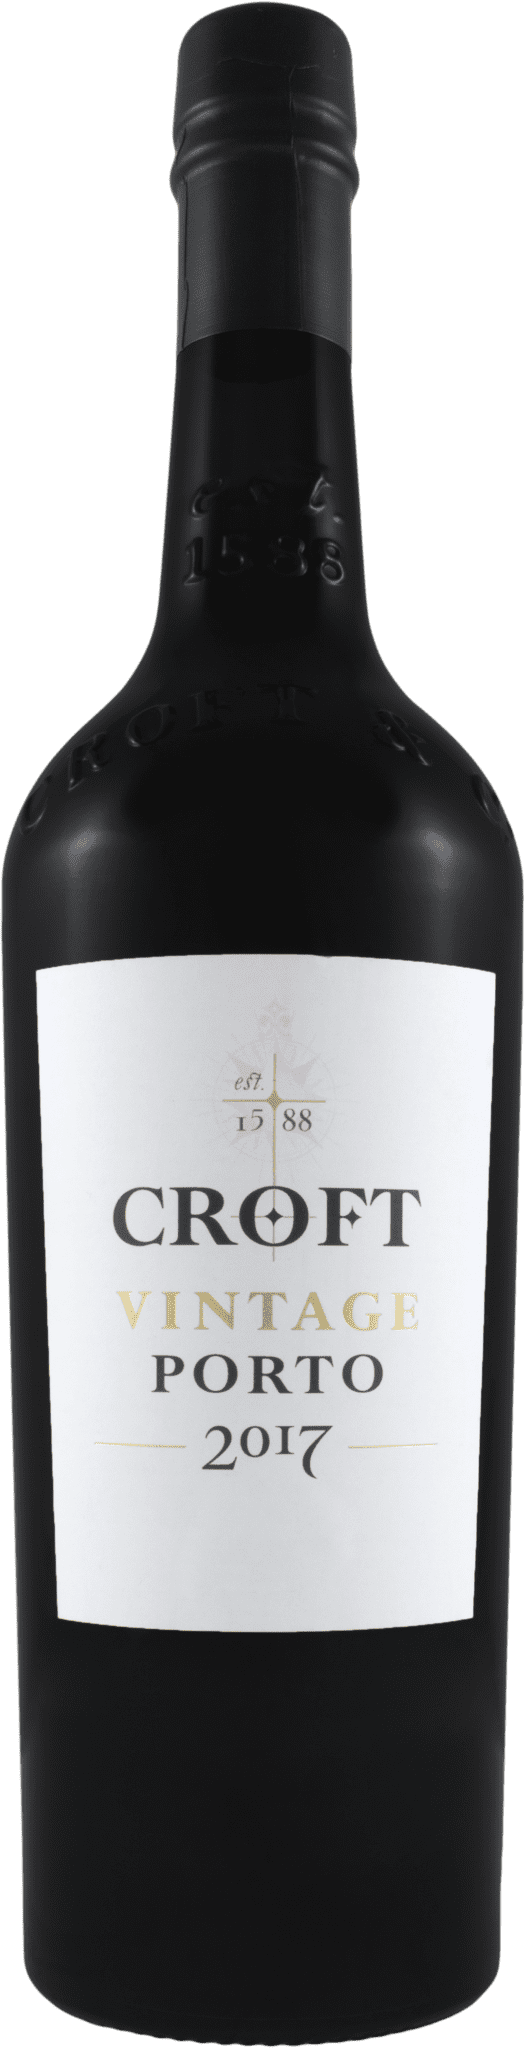 Croft 2017 Vintage Port